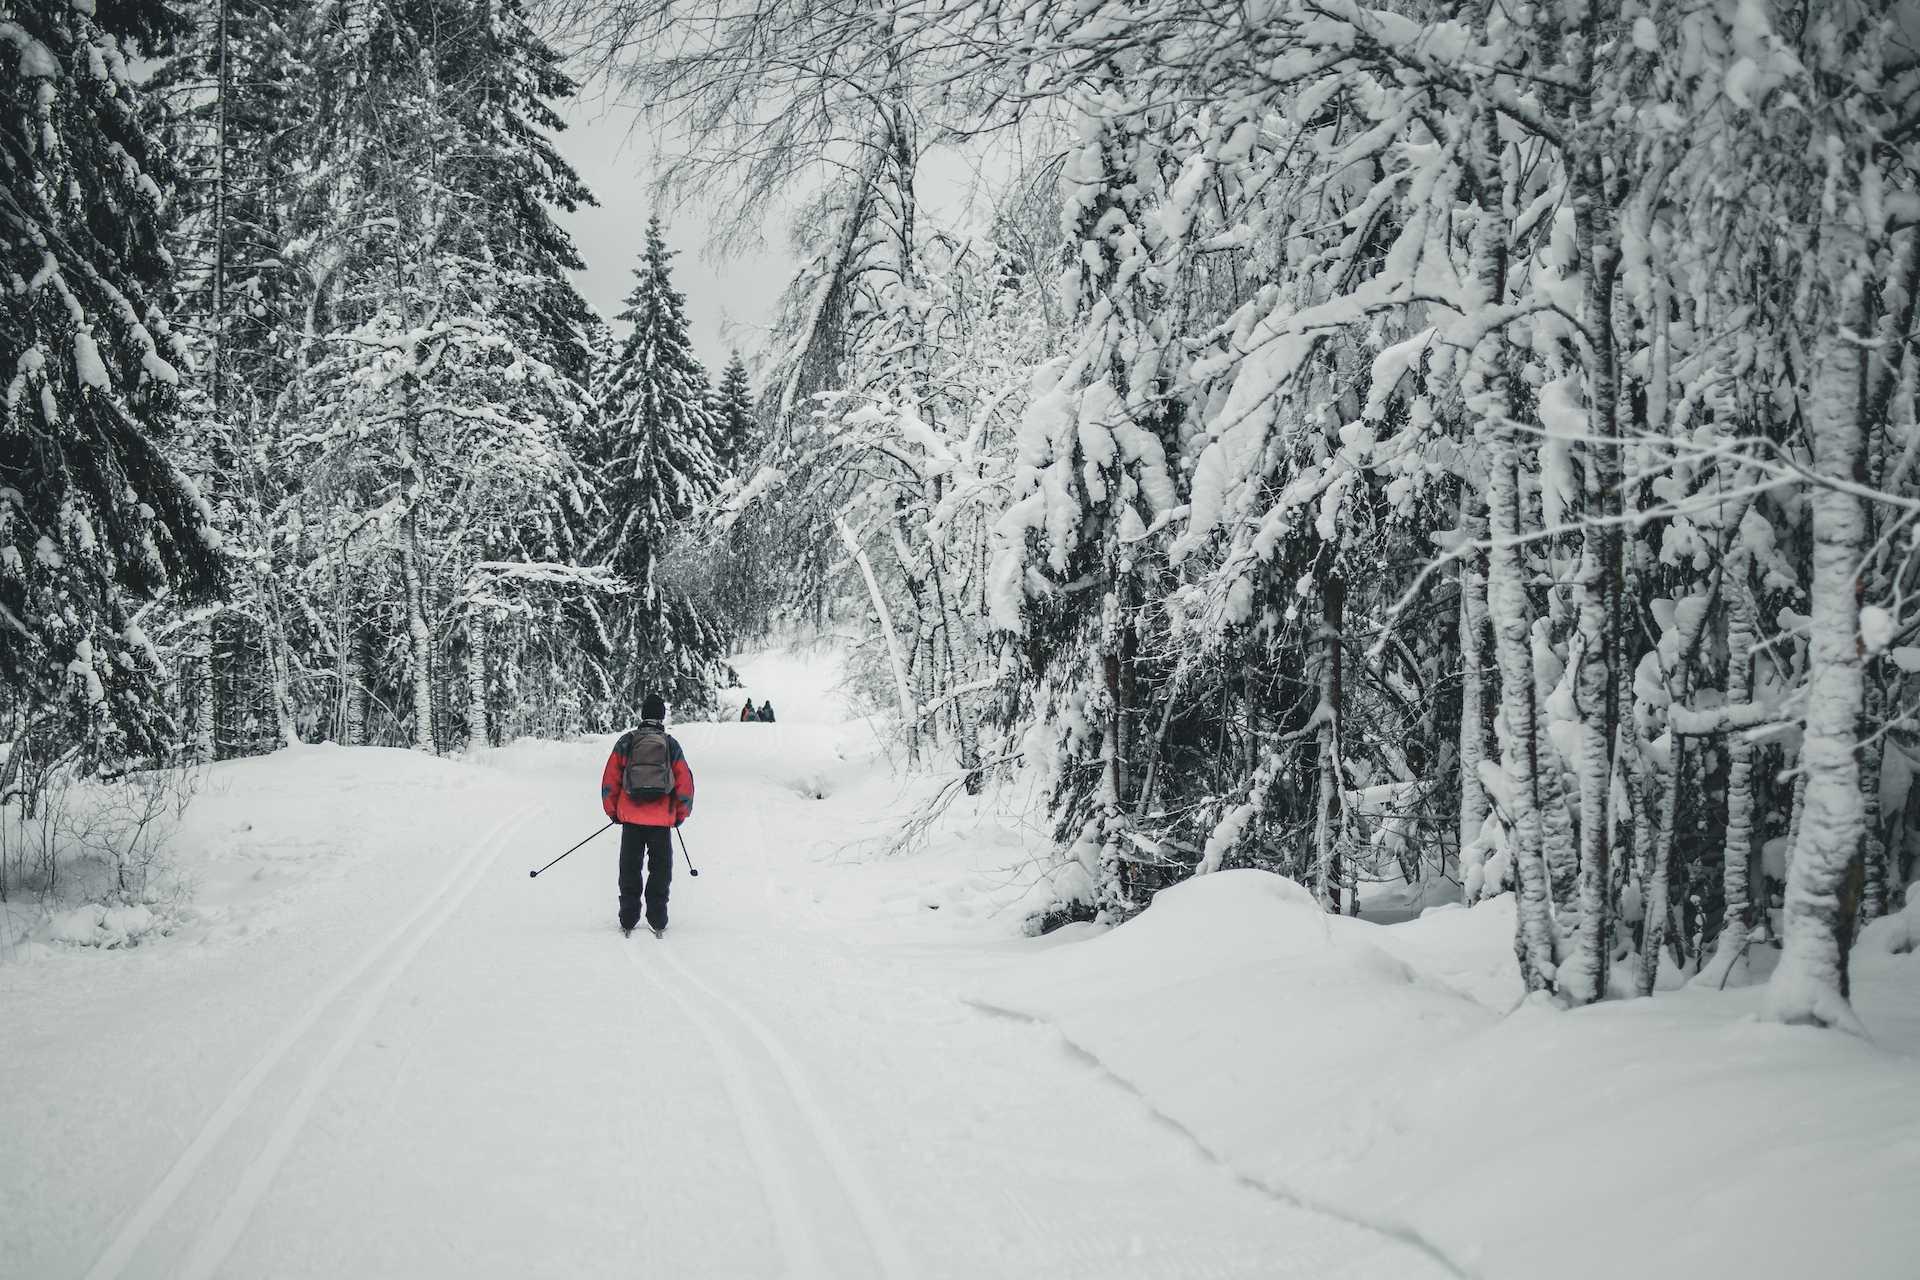 zaśnieżone drzewa